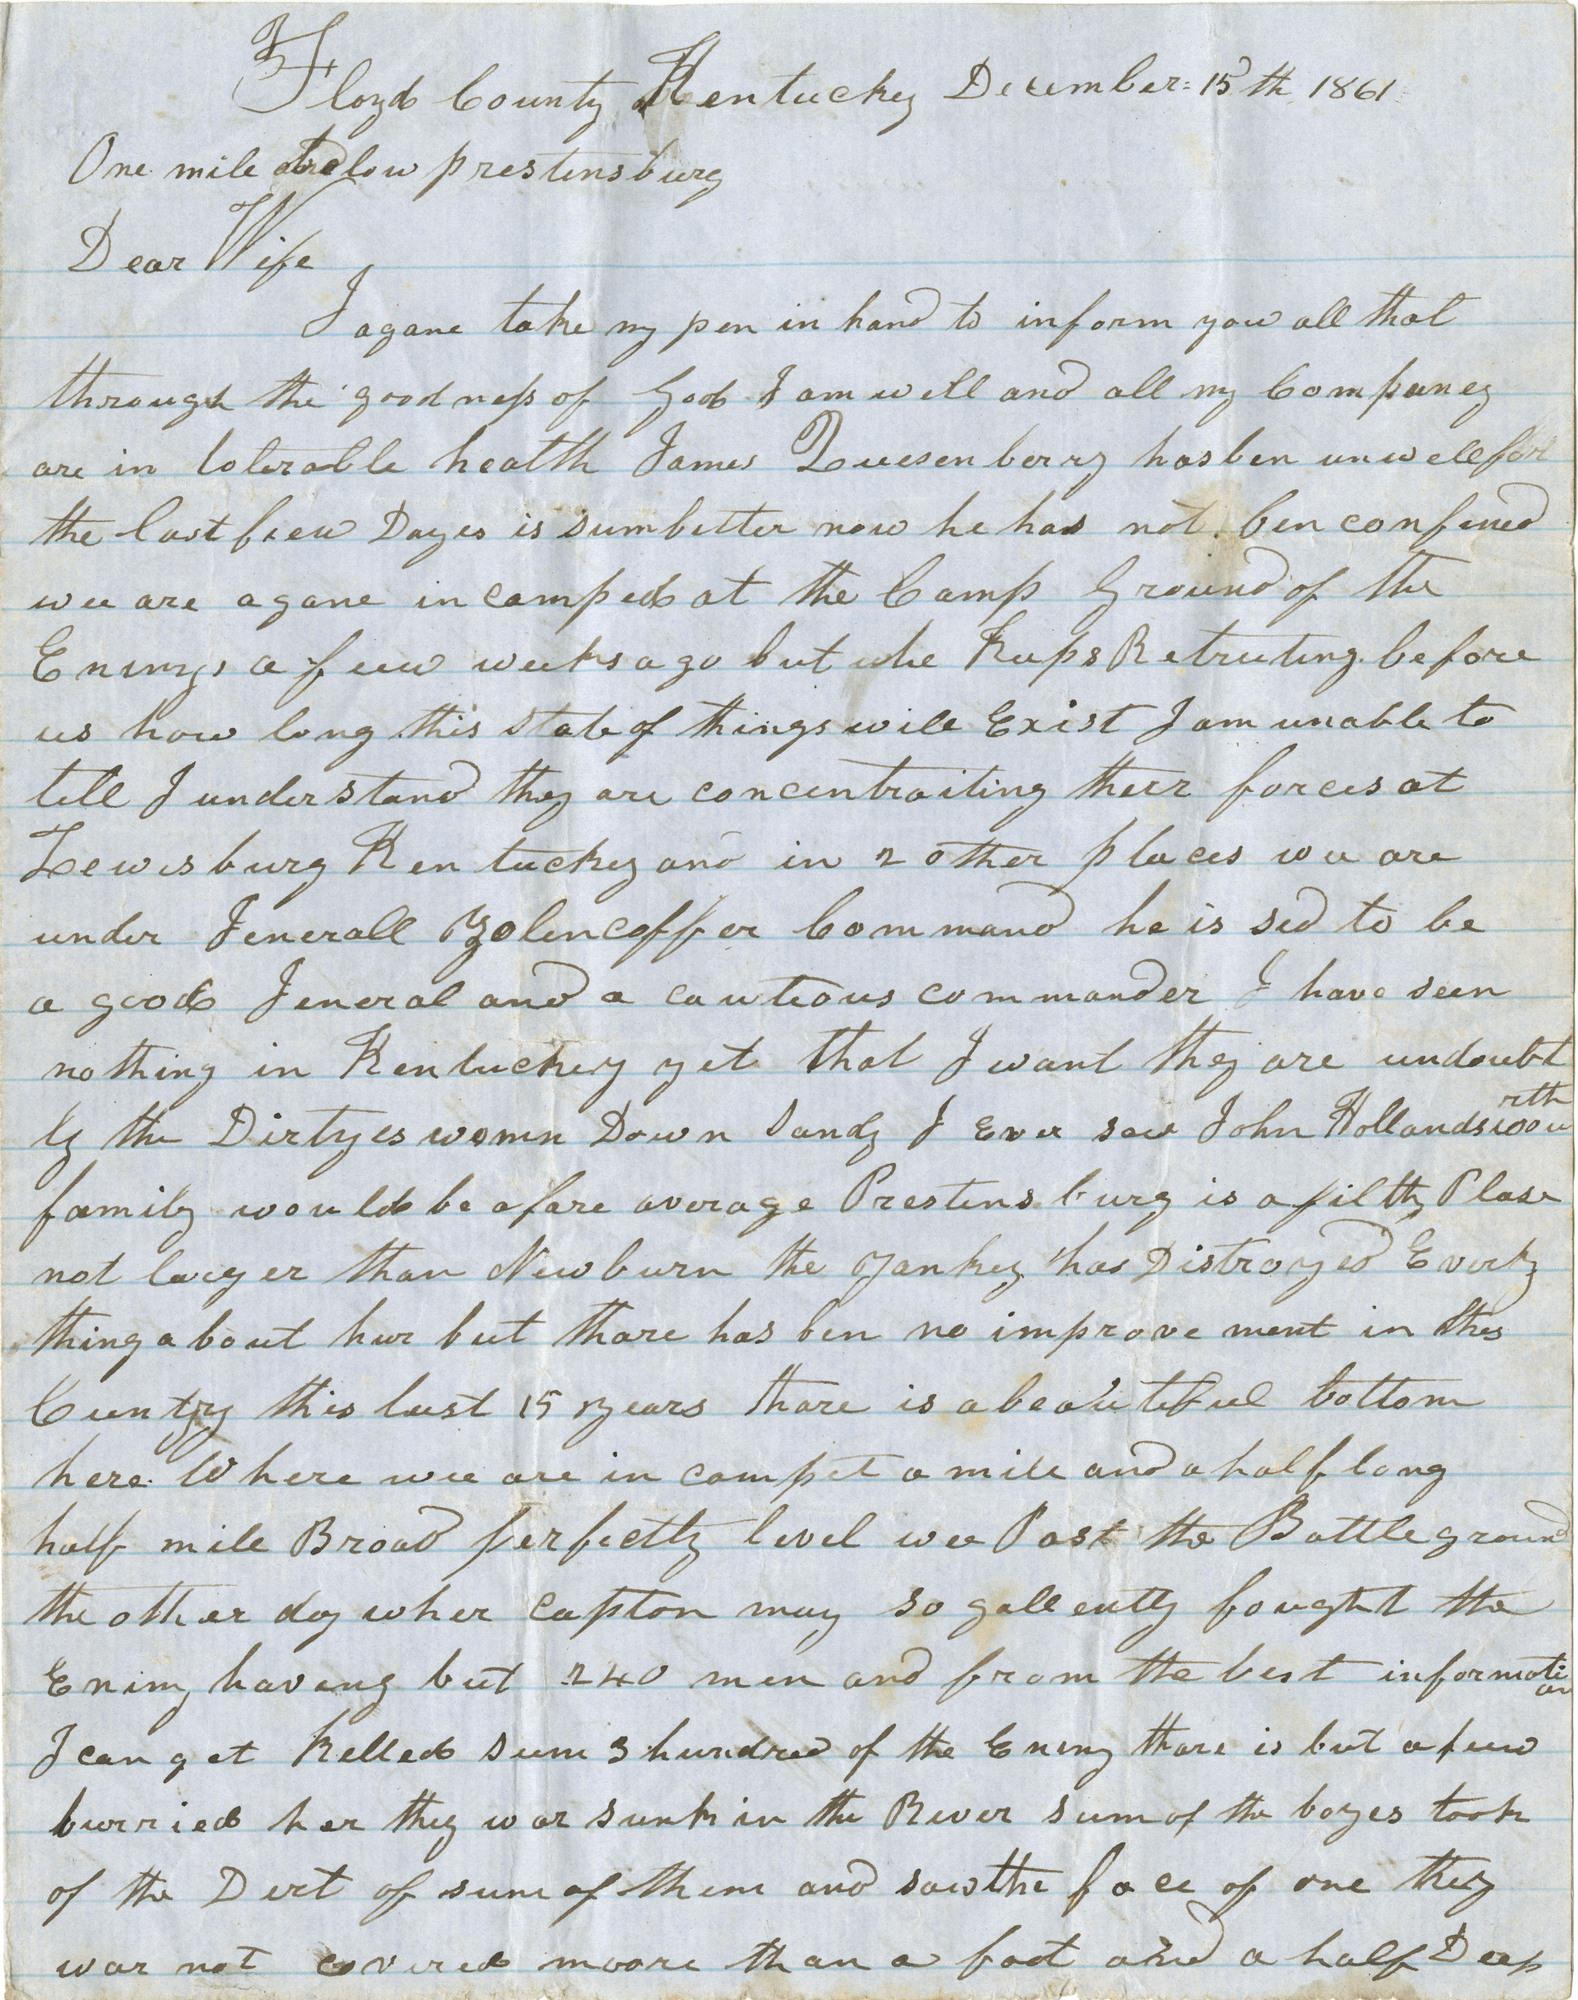 Ms2009-112_CarnahanJohnNewton_Letter_1861_1215a.jpg